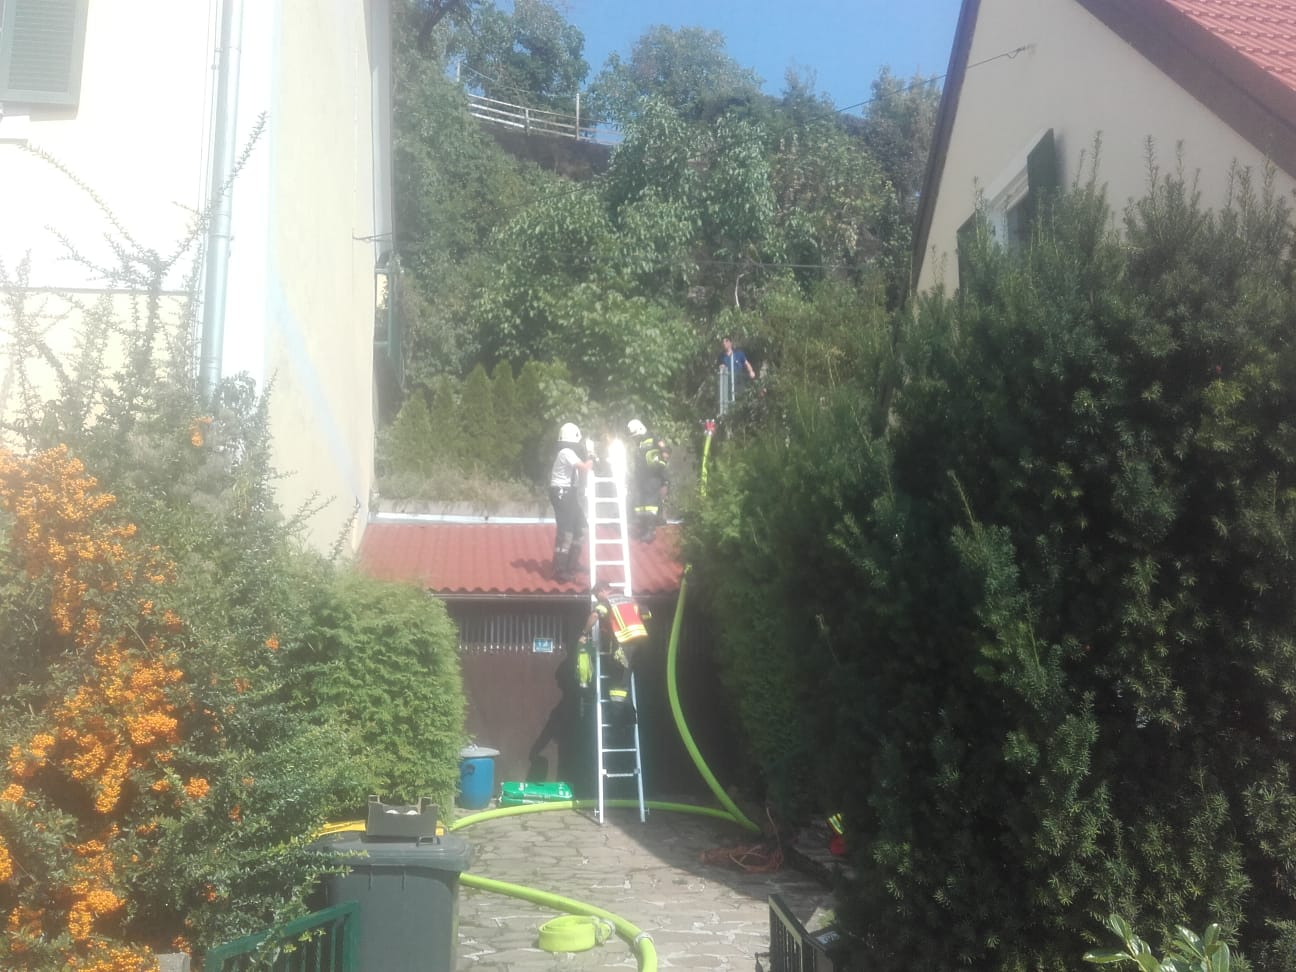 2018.08.29. Brandeinsatz in Weitenegg (2)